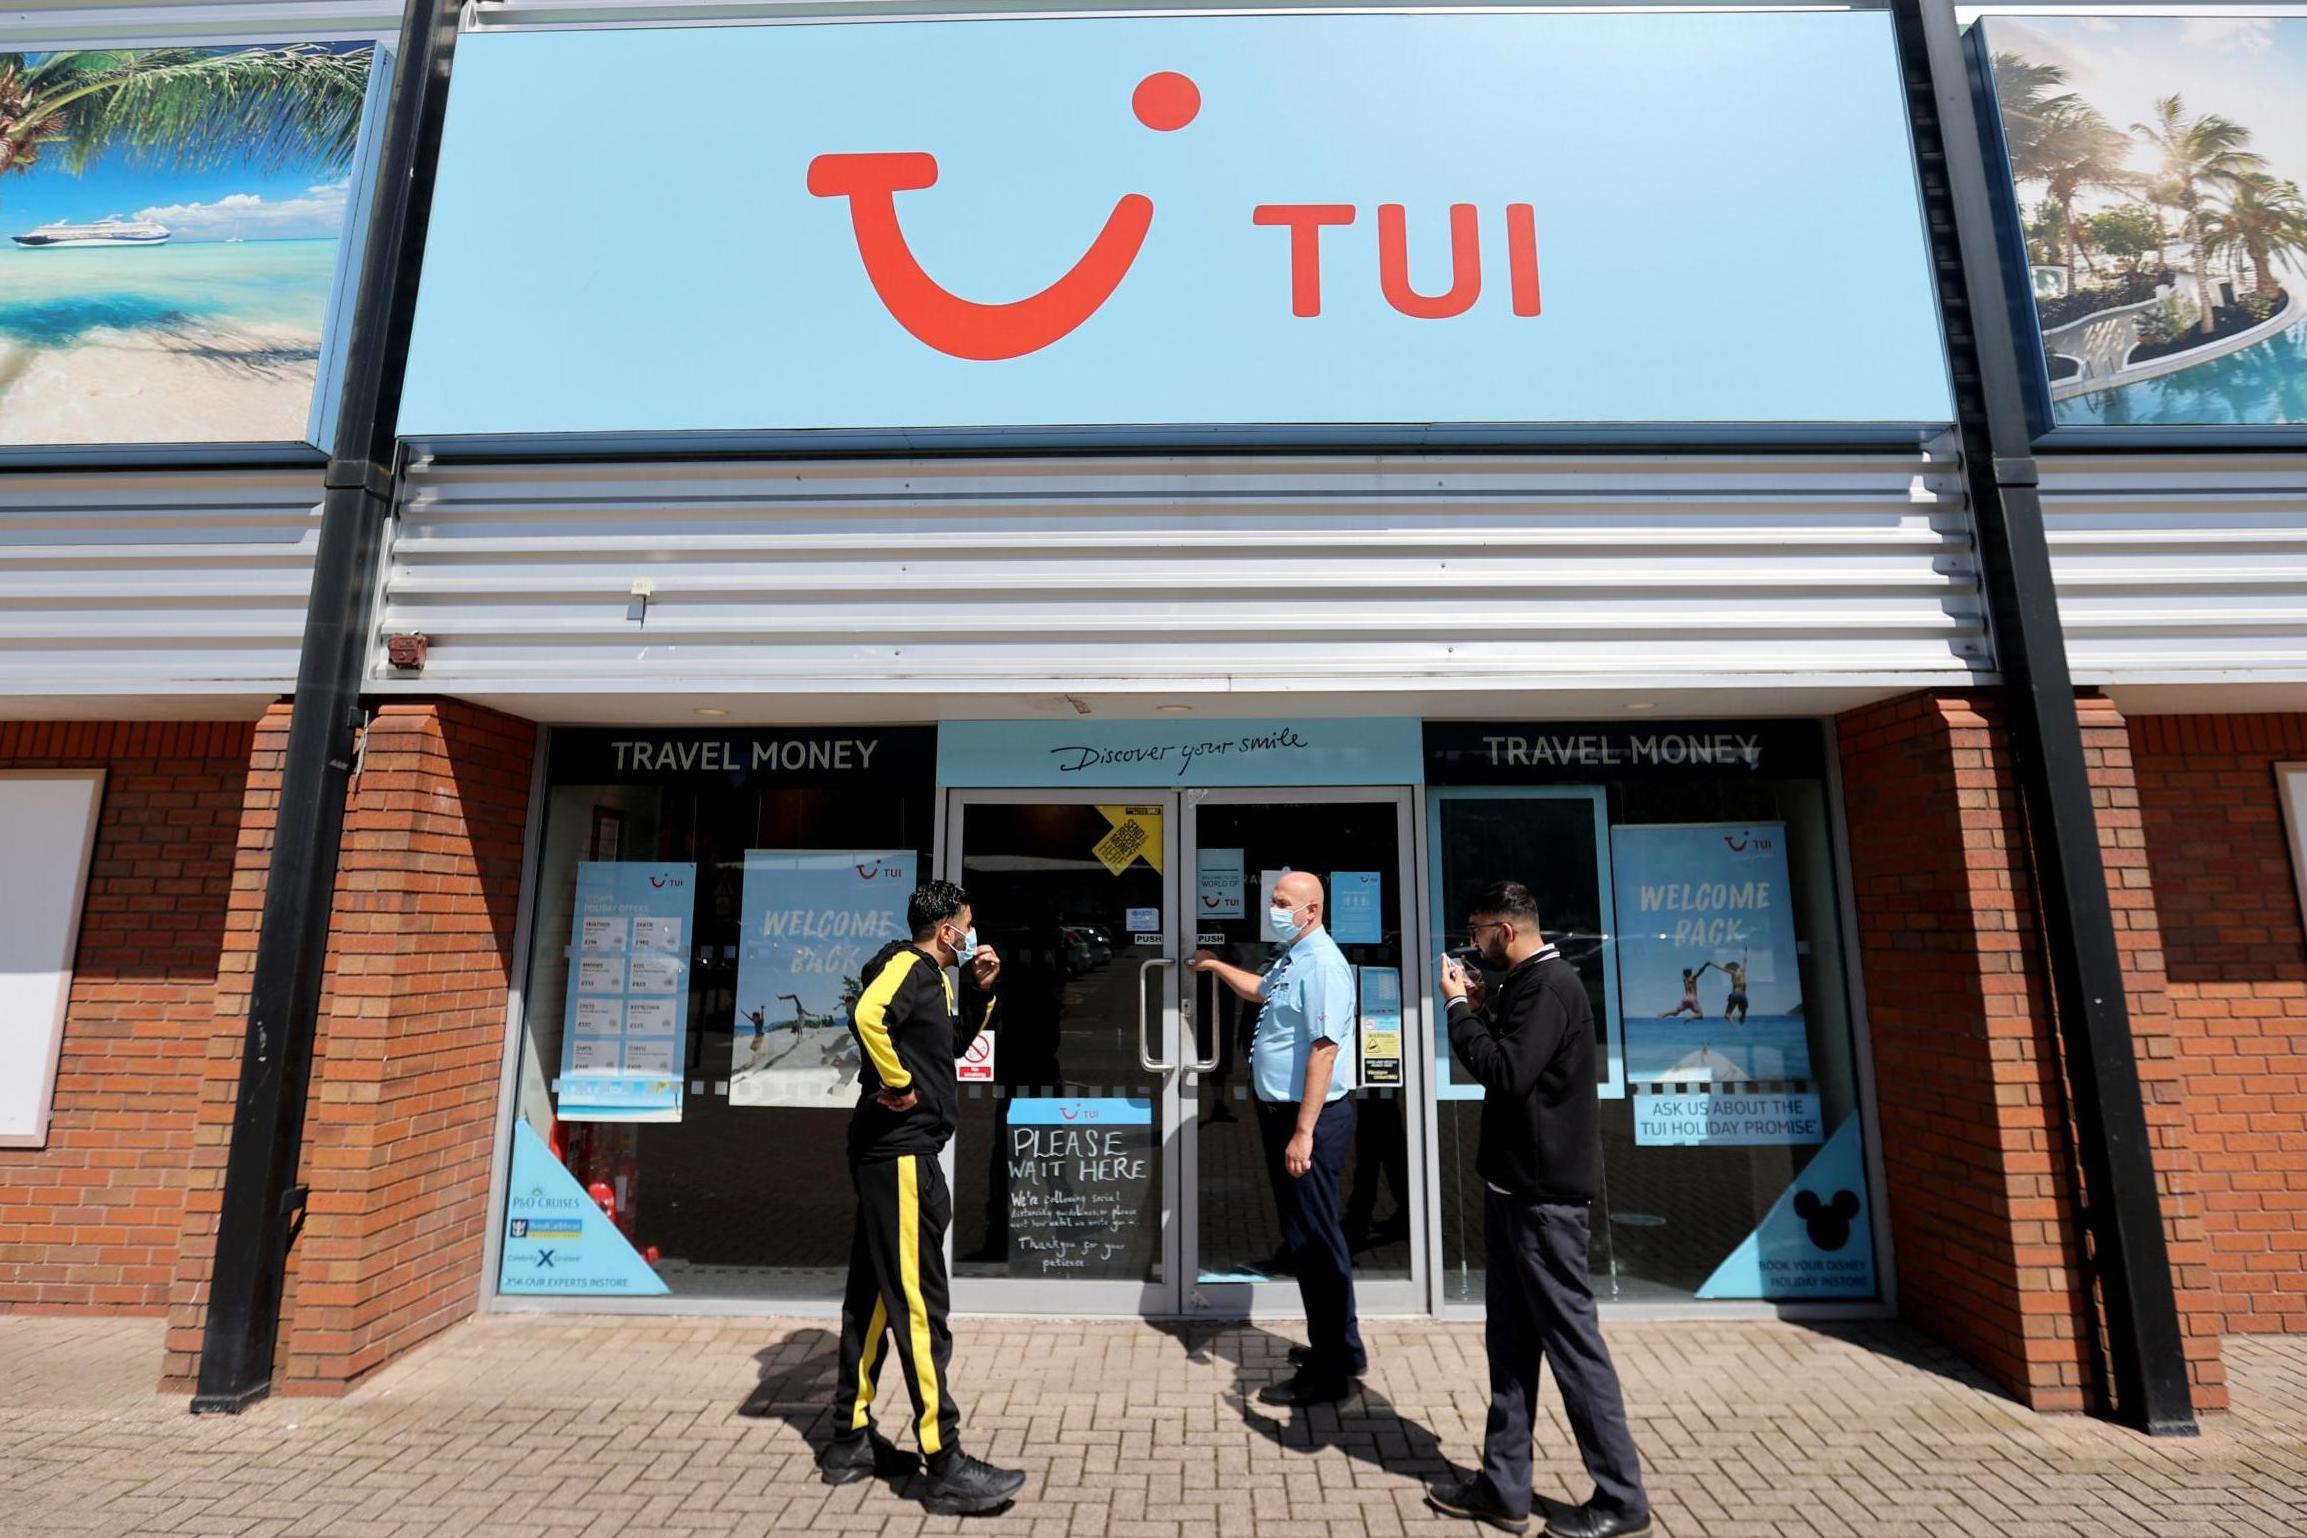 Tour operator Tui to close 166 stores